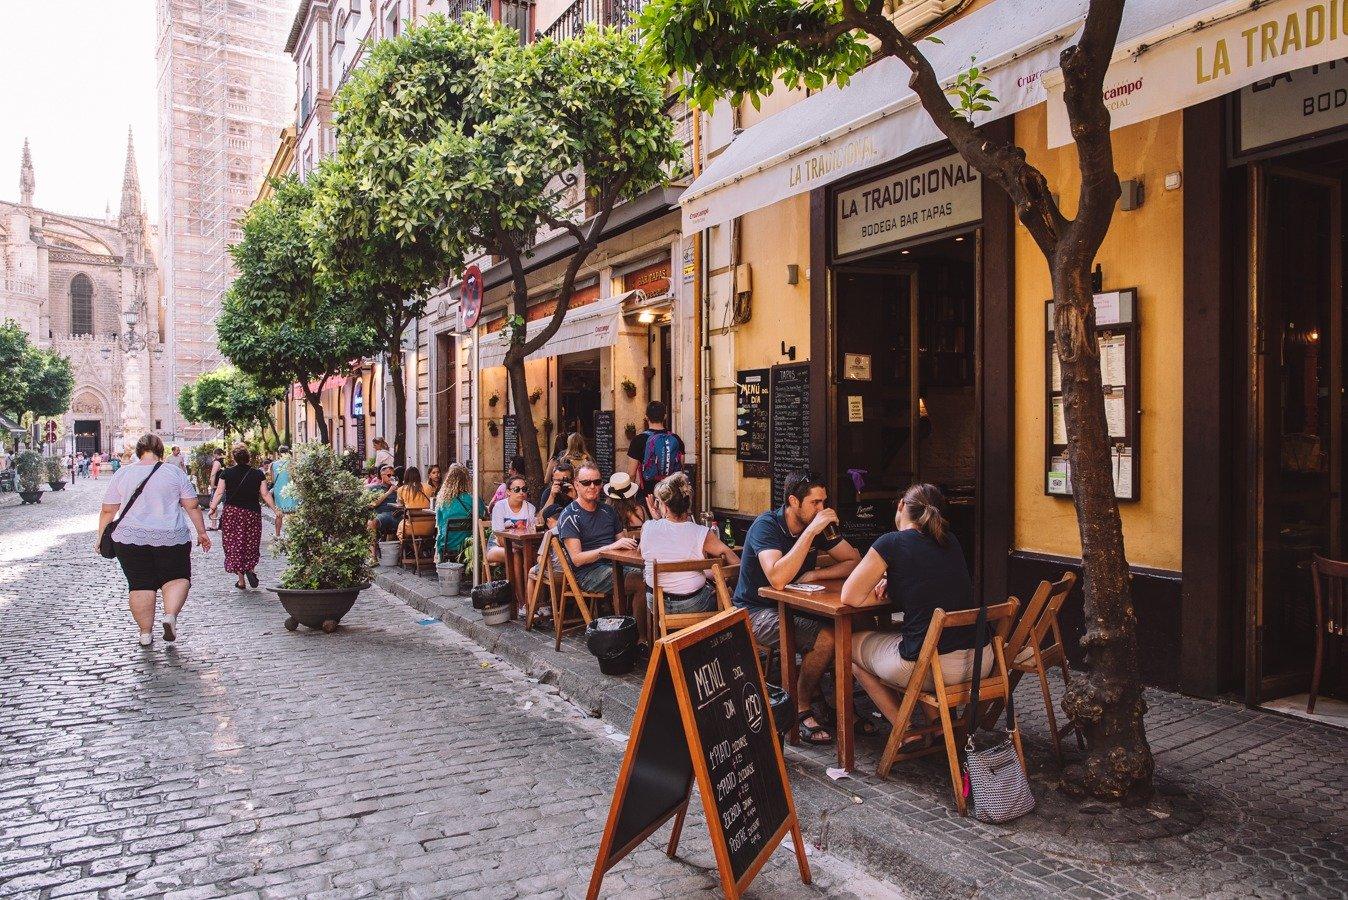 Where To Eat In Seville. The Best tapas bars in Seville